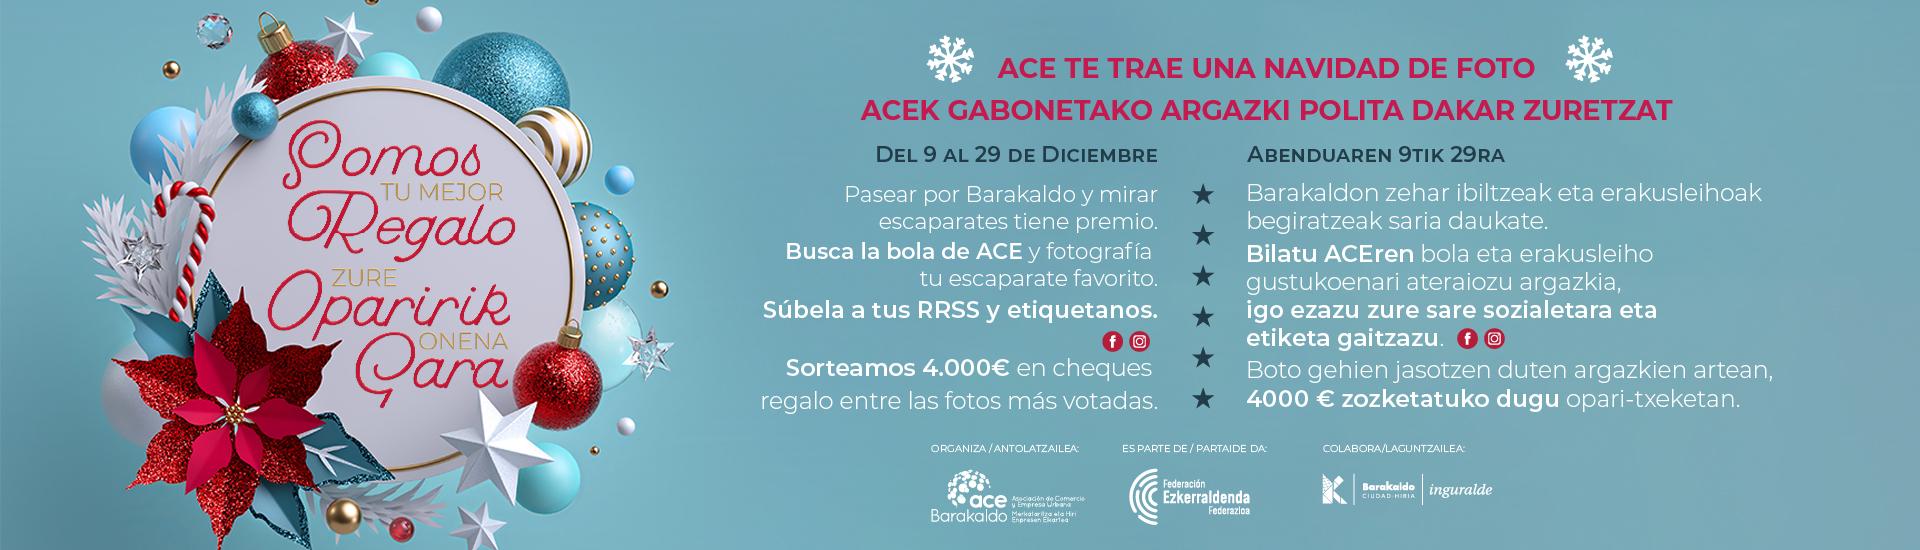 DISEÑO-ACEBK_202011_SomosTuMejorRegalo_BANNER-WEB-ING-01